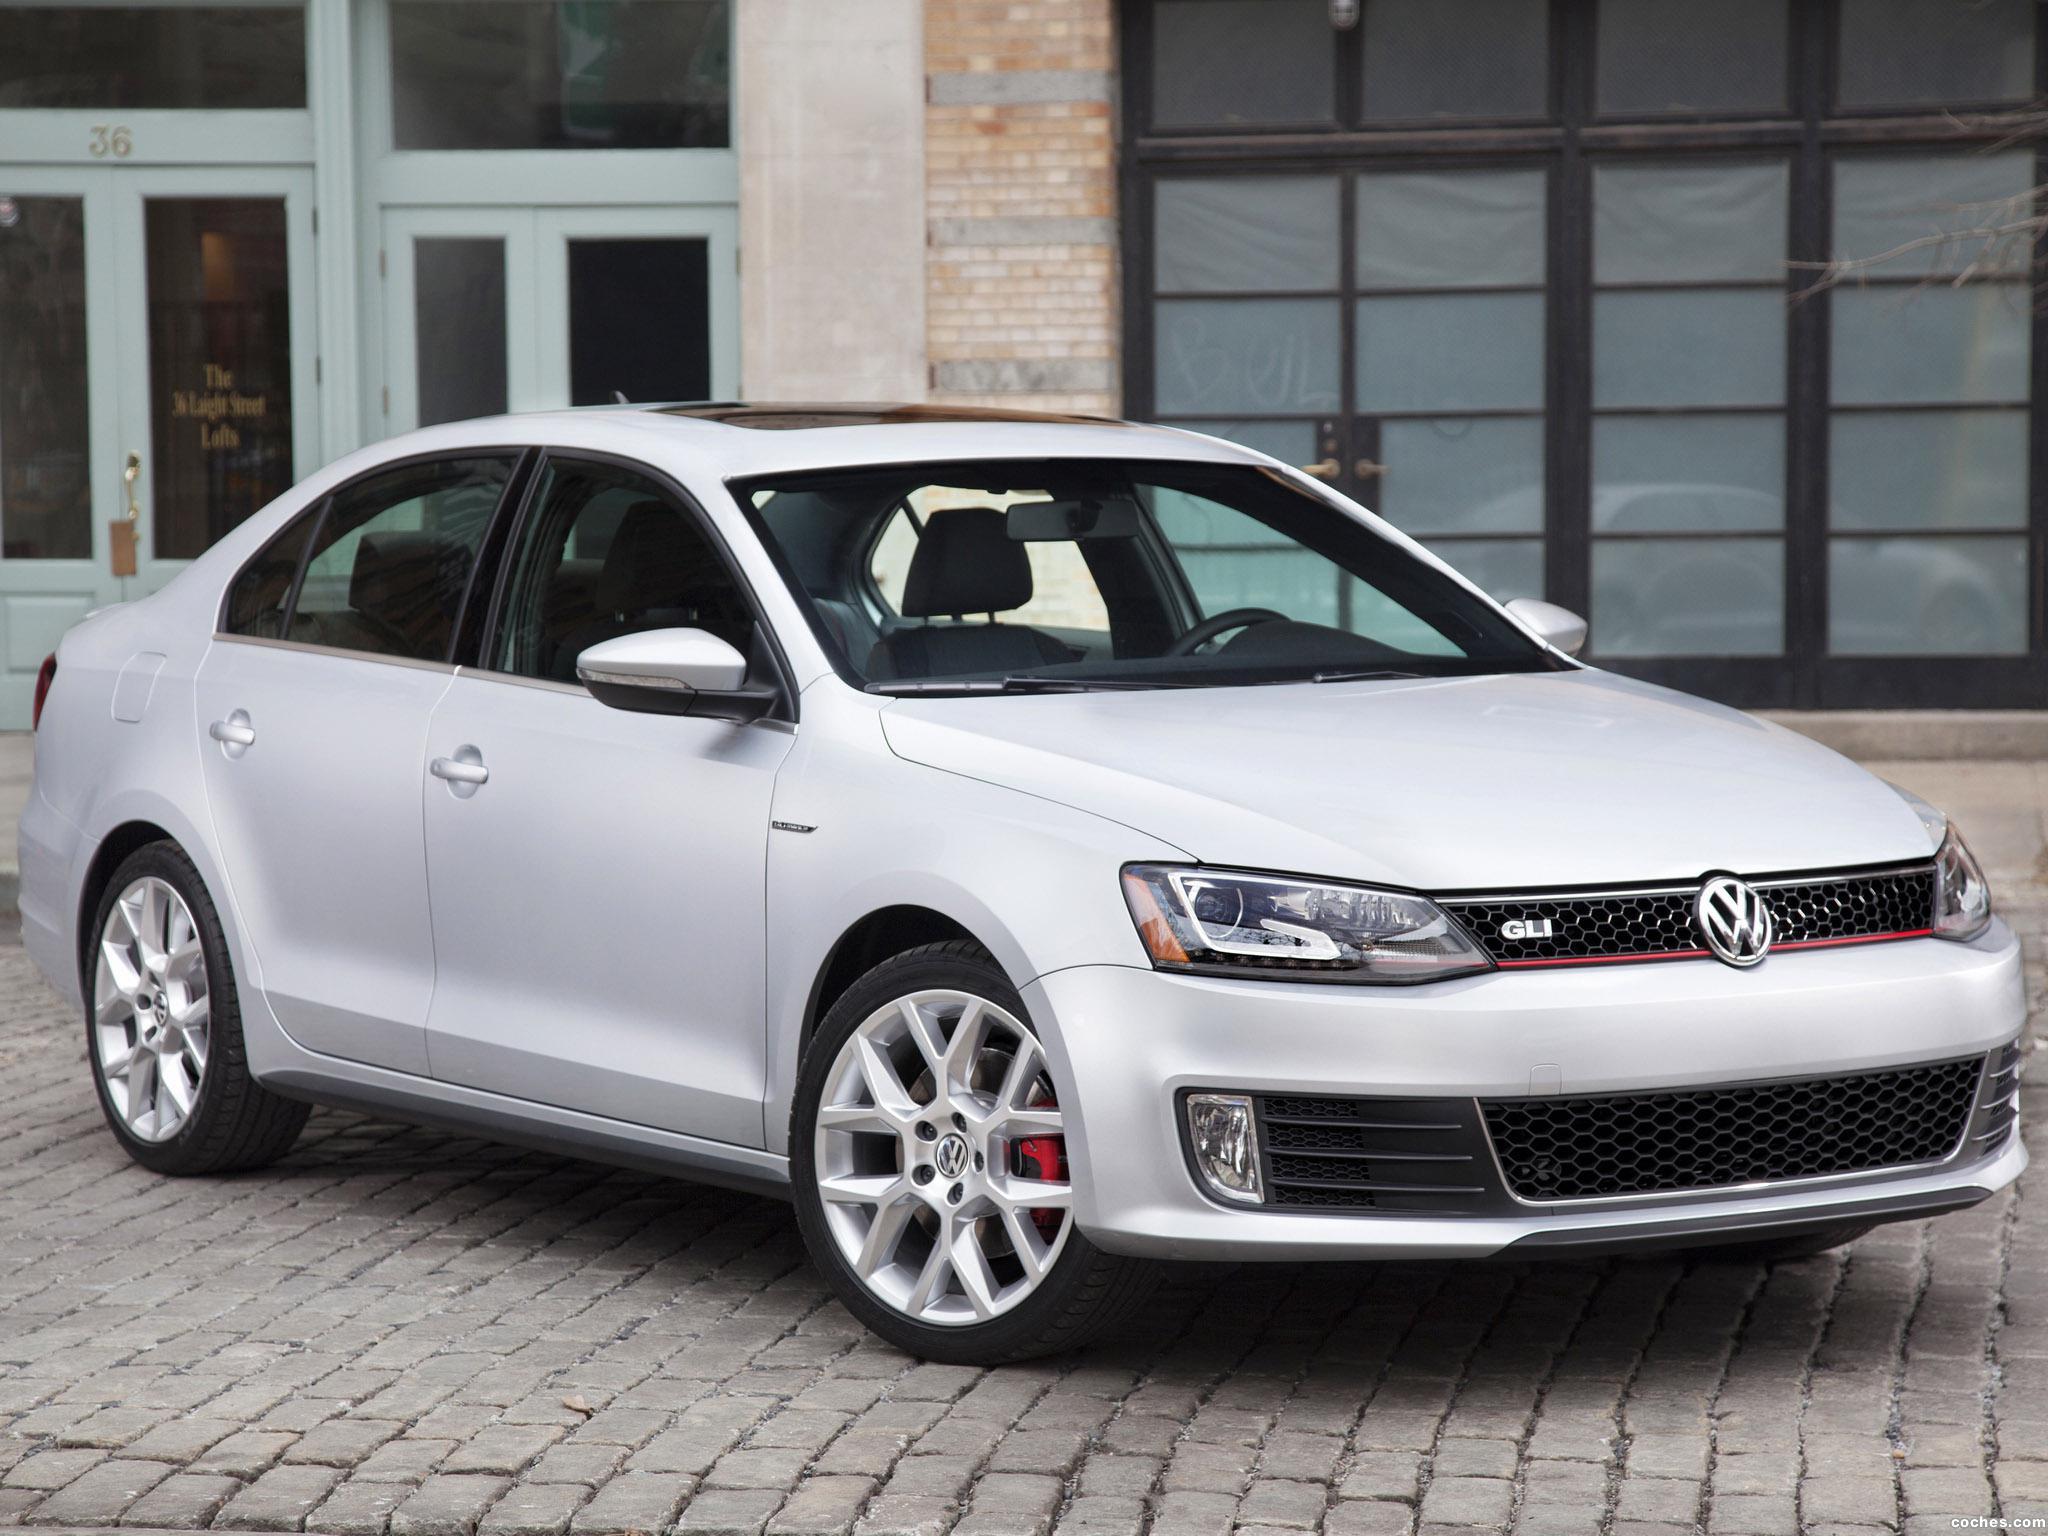 Foto 0 de Volkswagen Jetta GLE Edition 30 2014